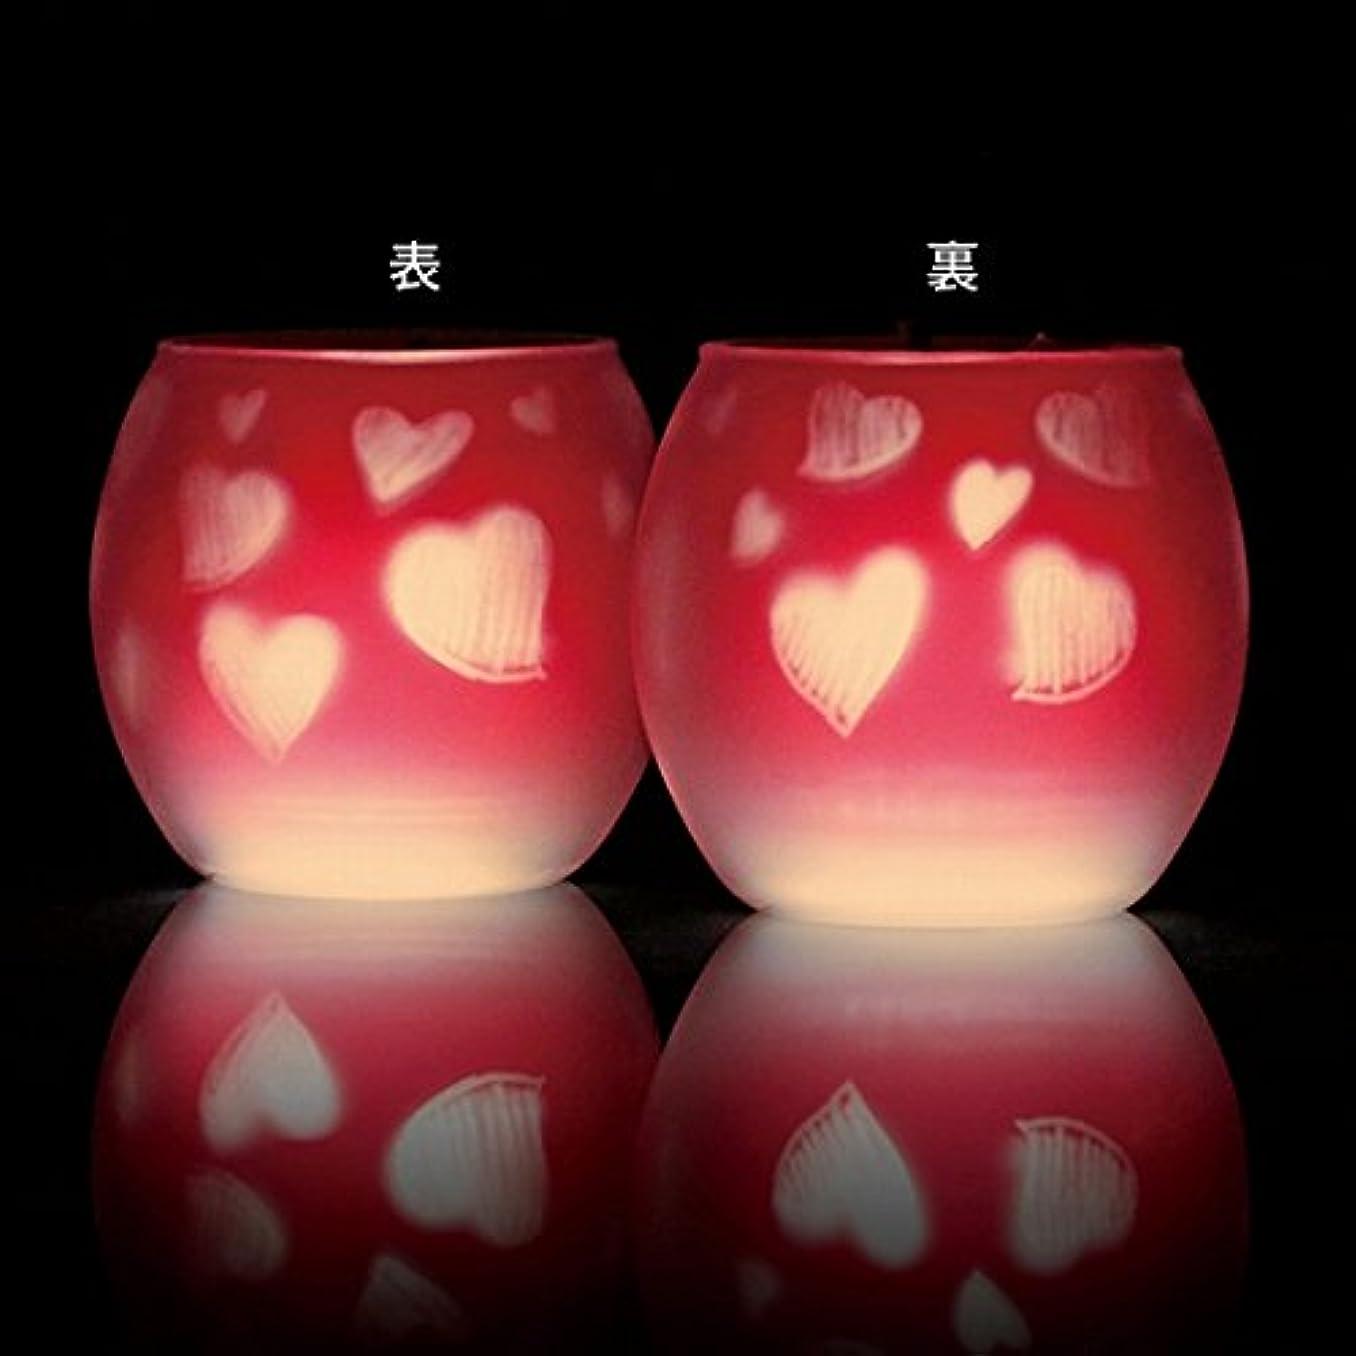 変なナラーバーフクロウカメヤマキャンドル(kameyama candle) ファインシルエットグラス【日本製キャンドル4個付き】「スイートハート」